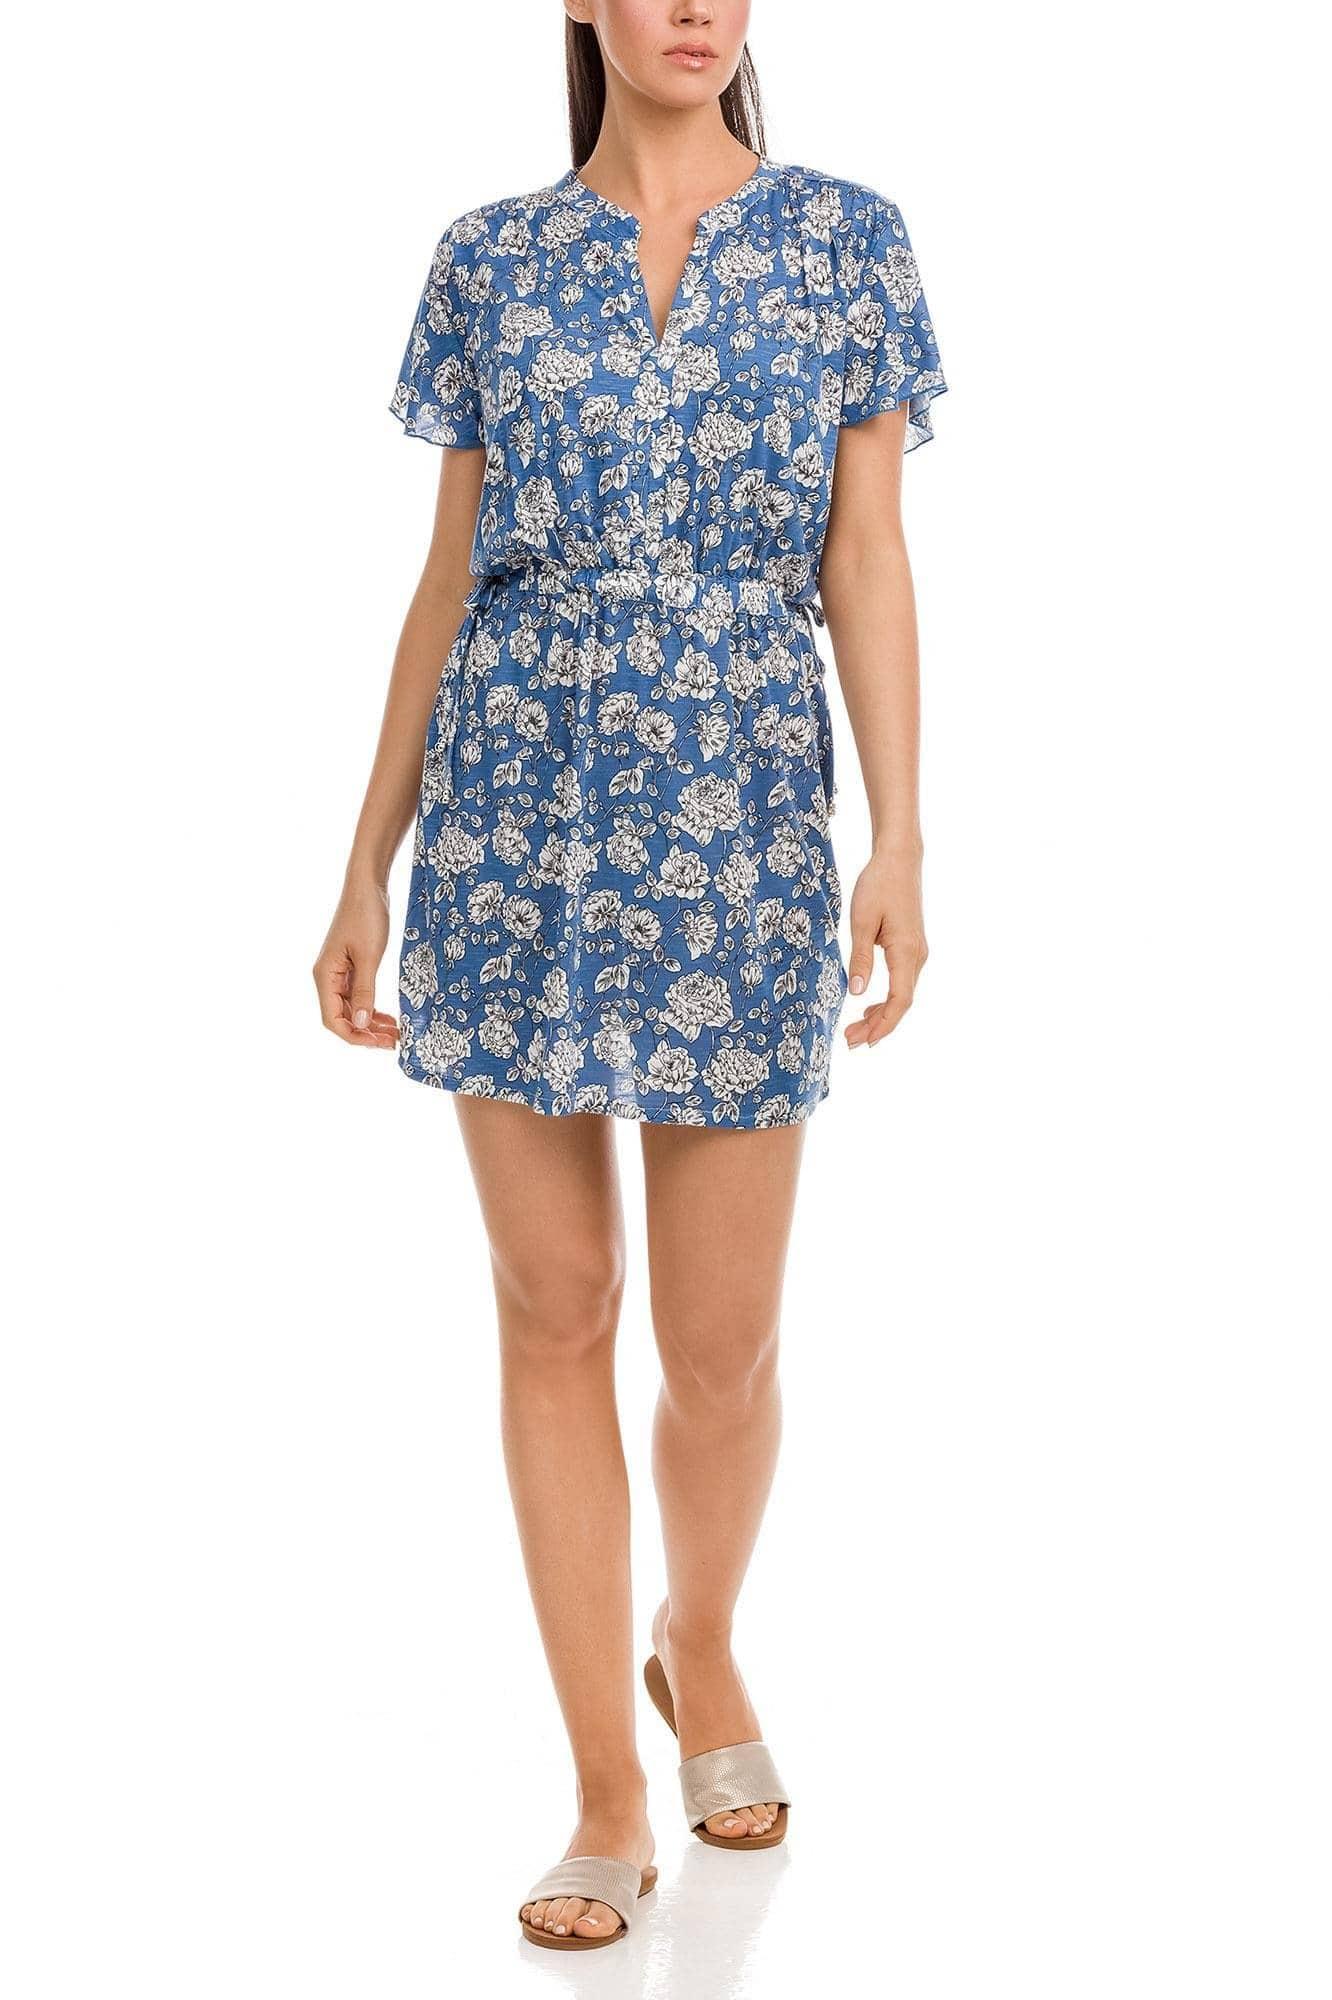 Φόρεμα Παραλίας Φλοράλ